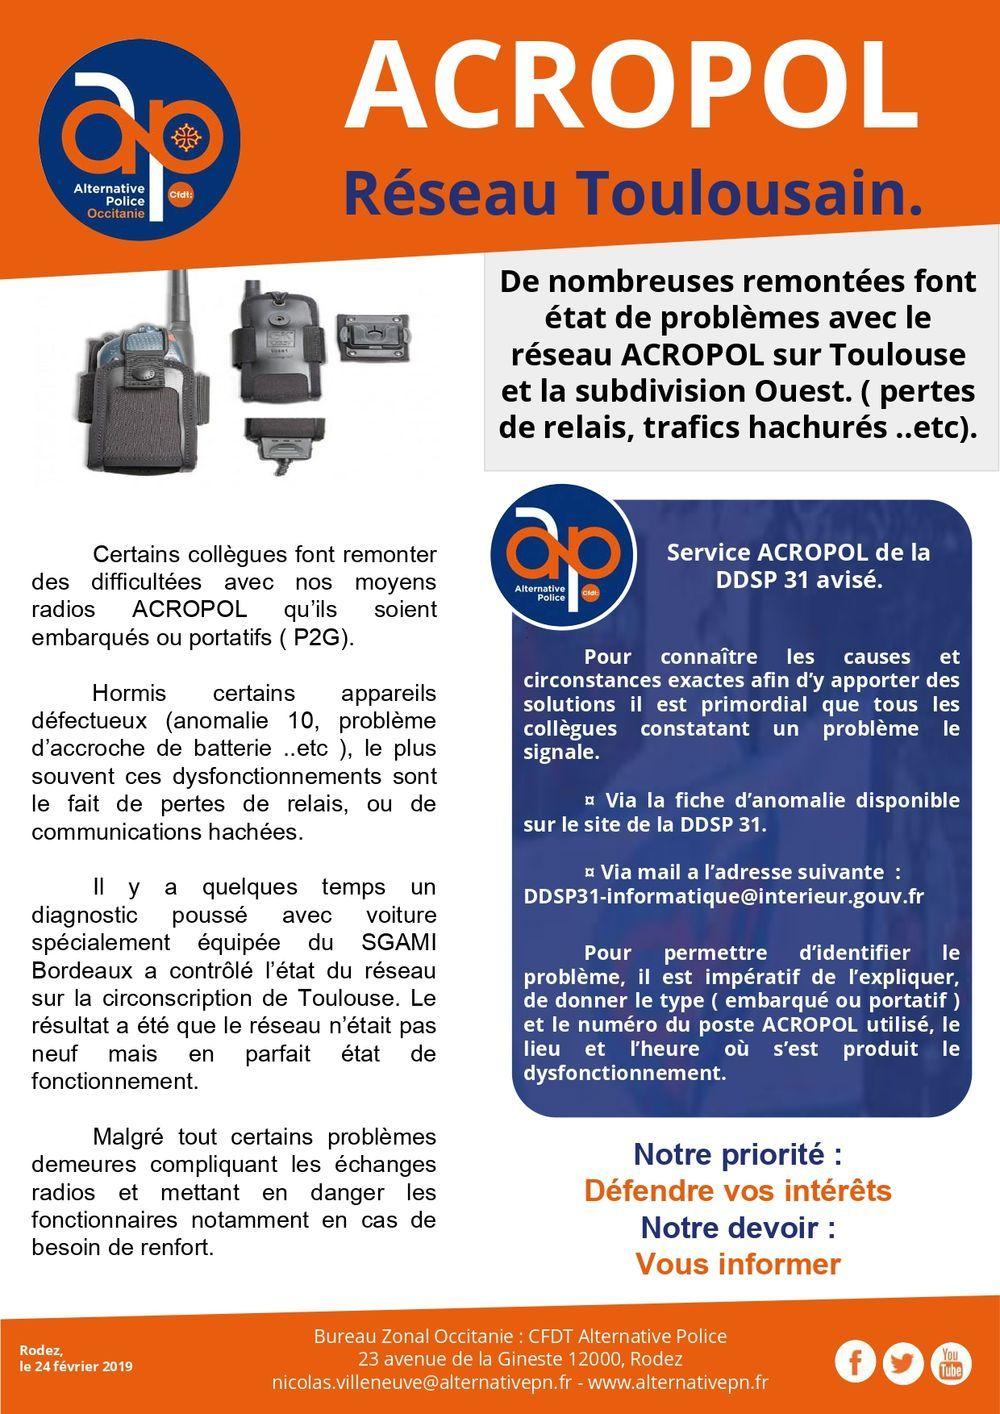 ACROPOL Réseau Toulousain.